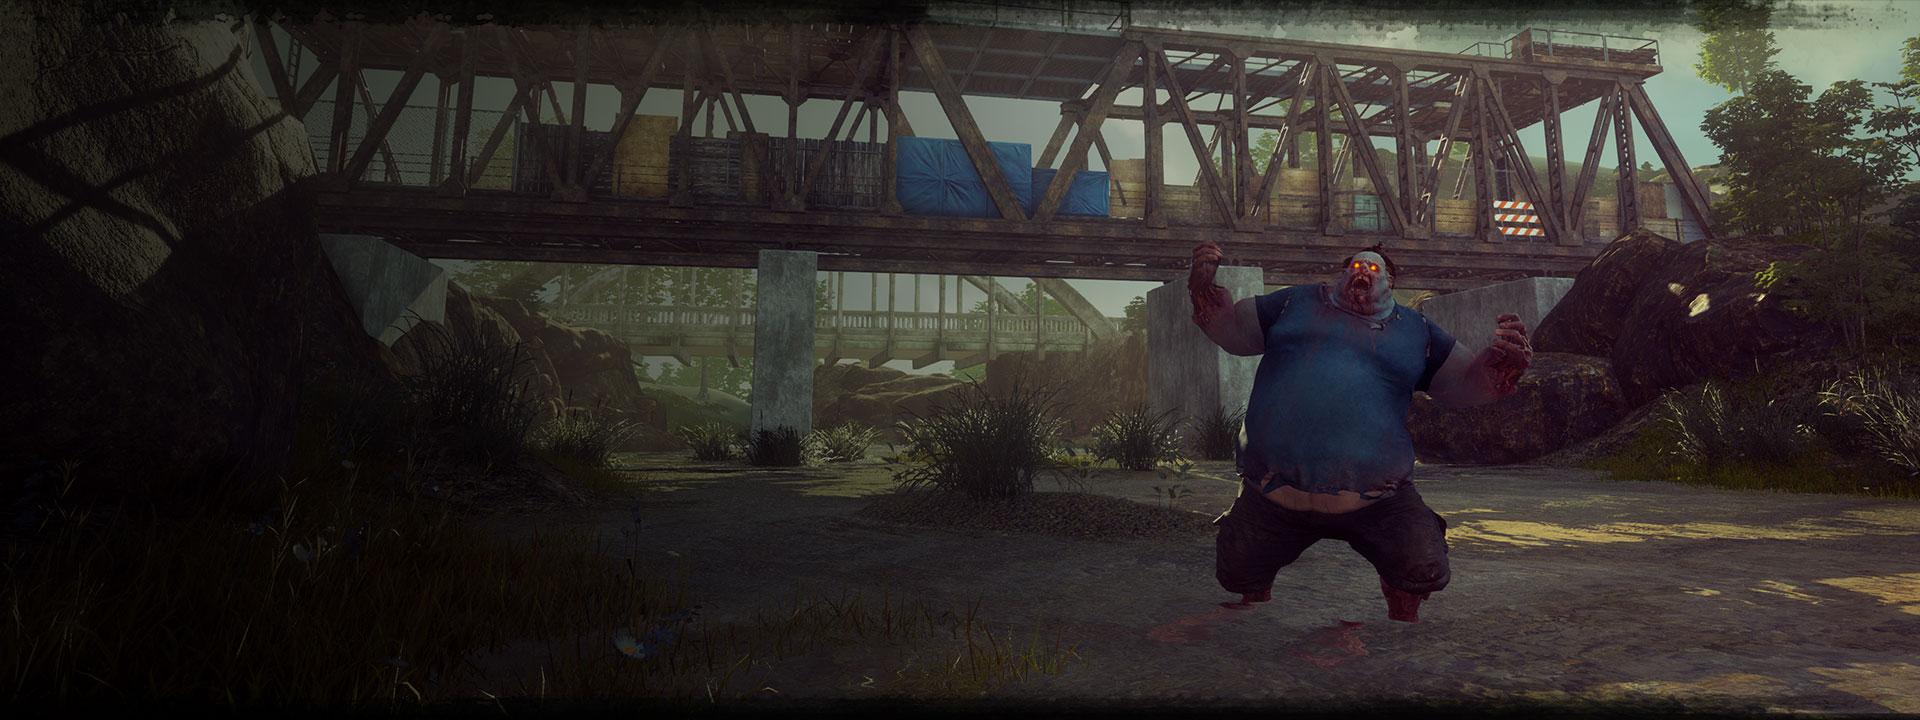 Ο Juggernaut από το State of Decay 2: O Juggernaut φωνάζει μπροστά σε μια γέφυρα